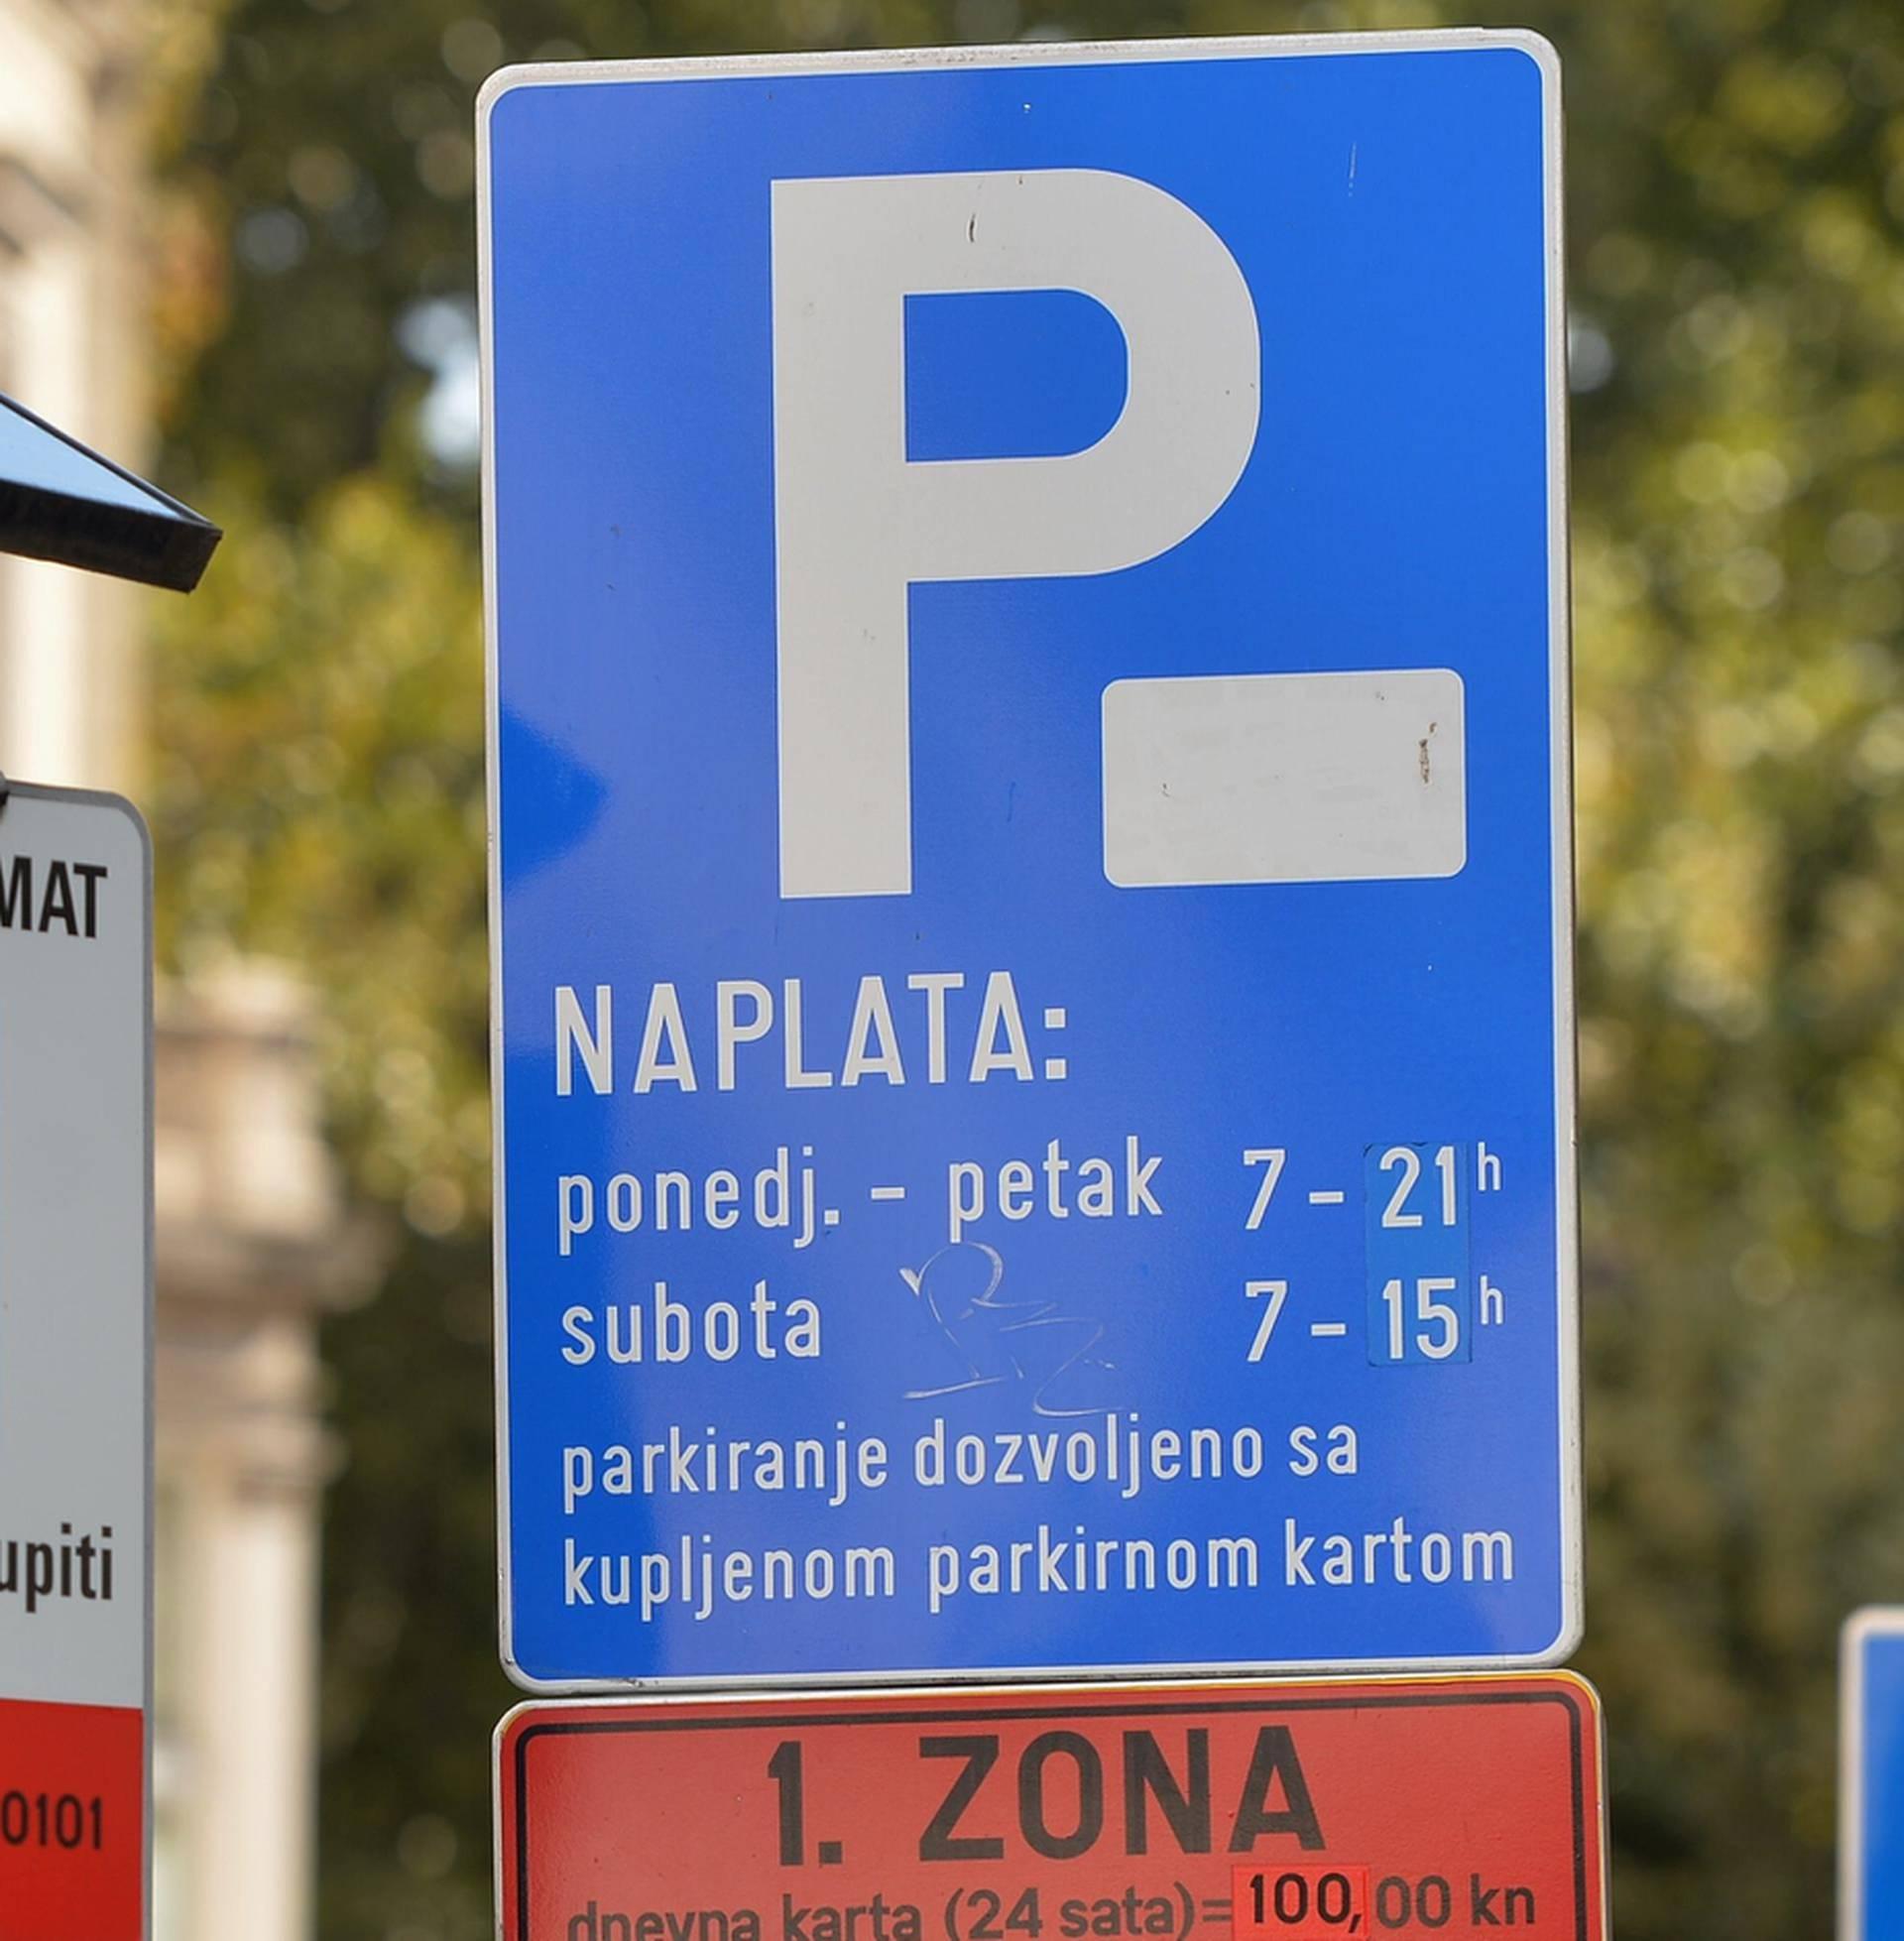 U nekim dijelovima Zagreba se ipak ukida naplata parkiranja